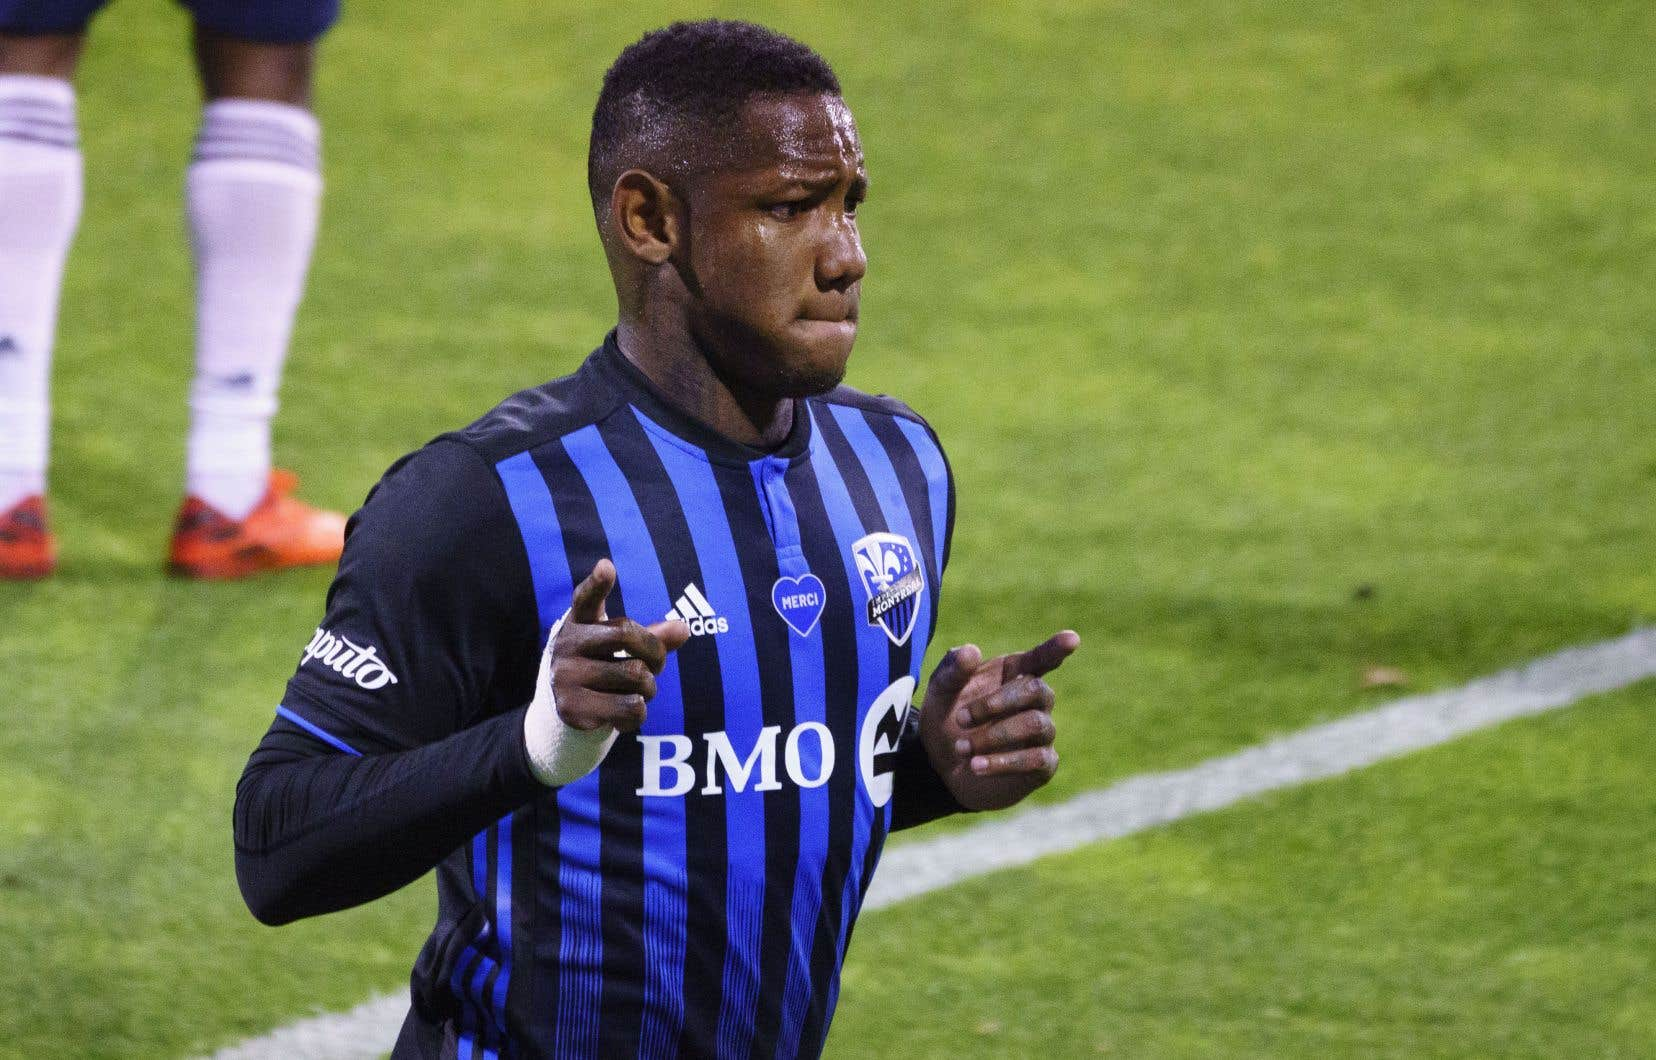 Acquis en novembre 2019 du Dynamo de Houston, Quioto a été le meilleur buteur et passeur de l'équipe lors de la saison régulière de la MLS en 2020 avec huit buts.